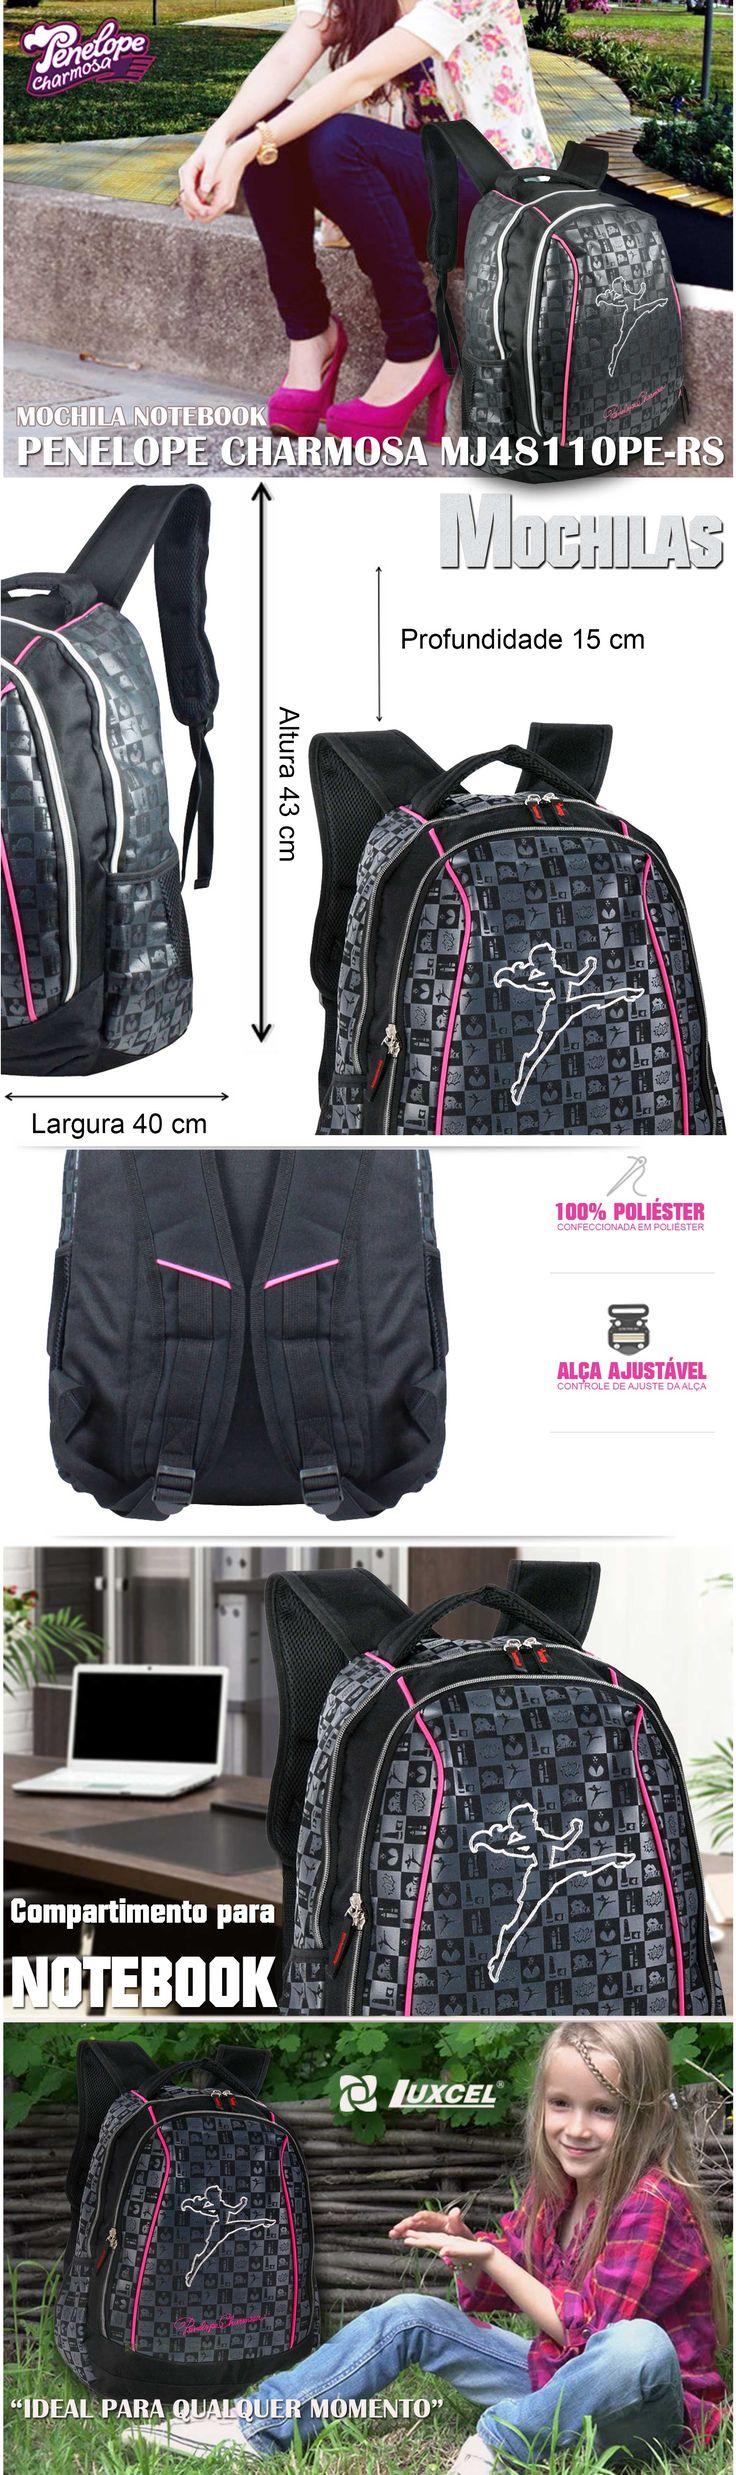 Mochilas escolares Penélope Charmosa . A maior variedade de bolsas, malas e mochilas da internet em um só lugar. Pensou em bolsa, pensou EllaStore. A sua loja de bolsas da internet